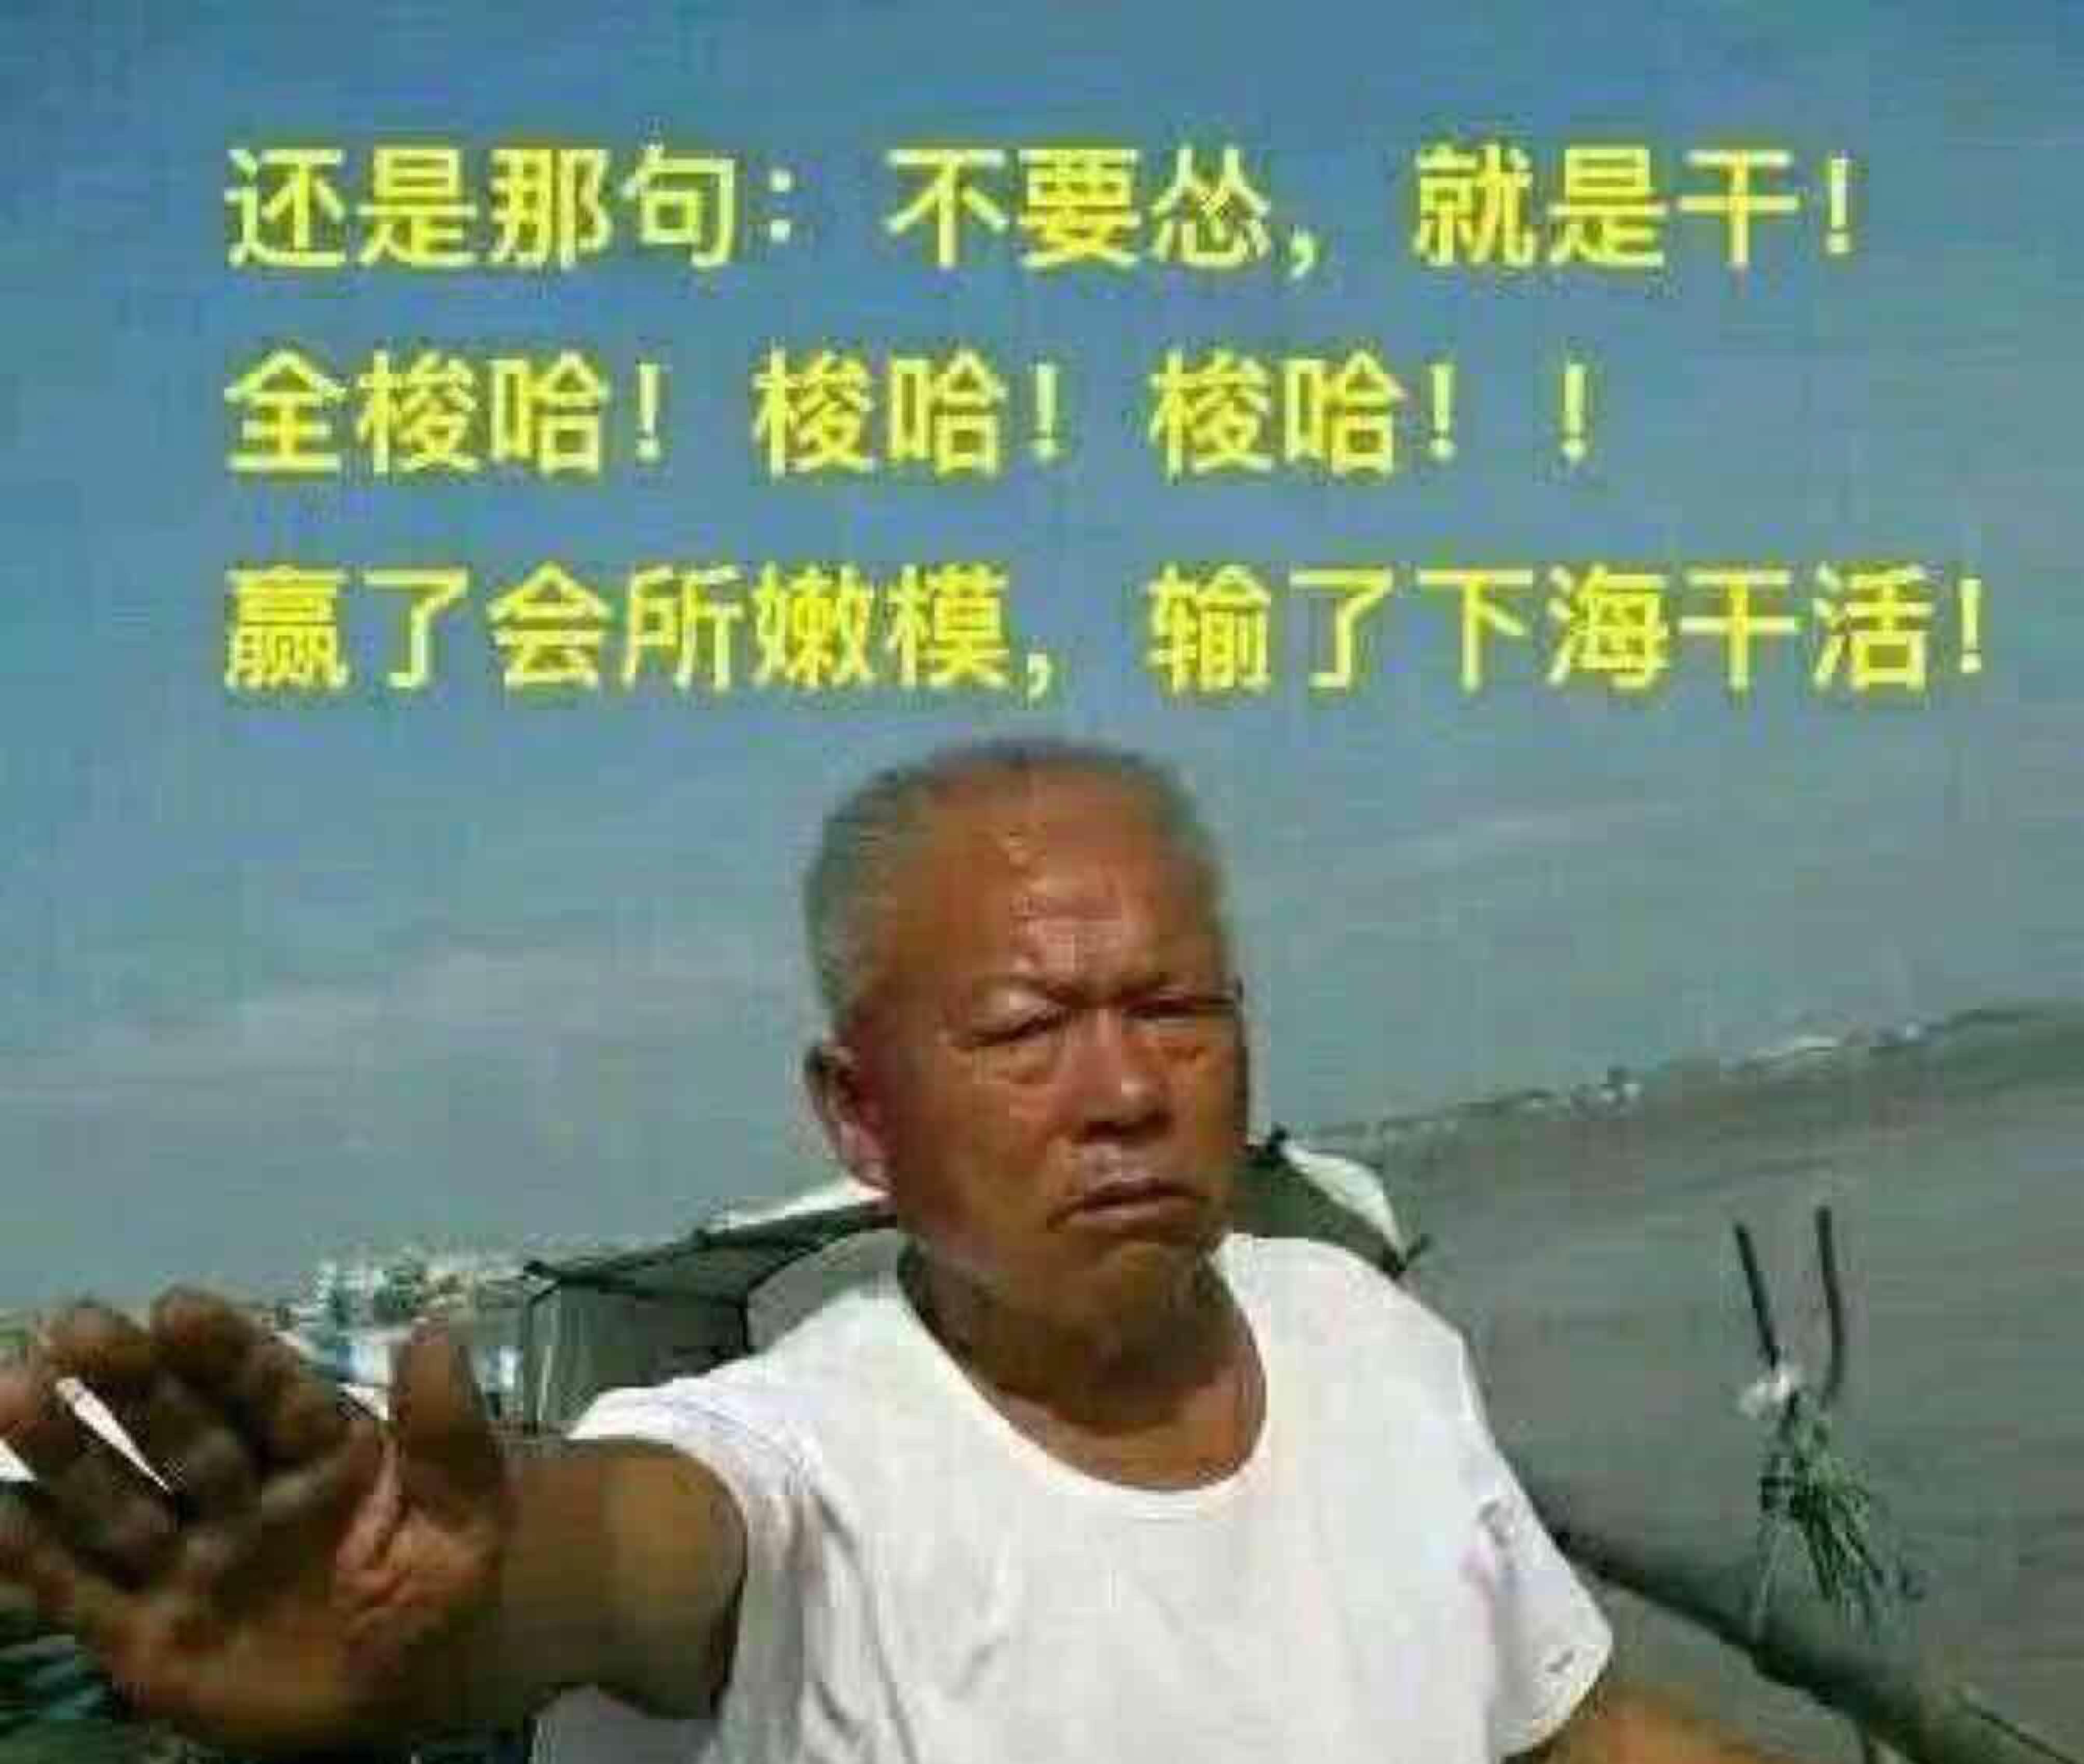 梭哈梭哈,全梭哈!_恒立实业(000622)股吧_东方财富网